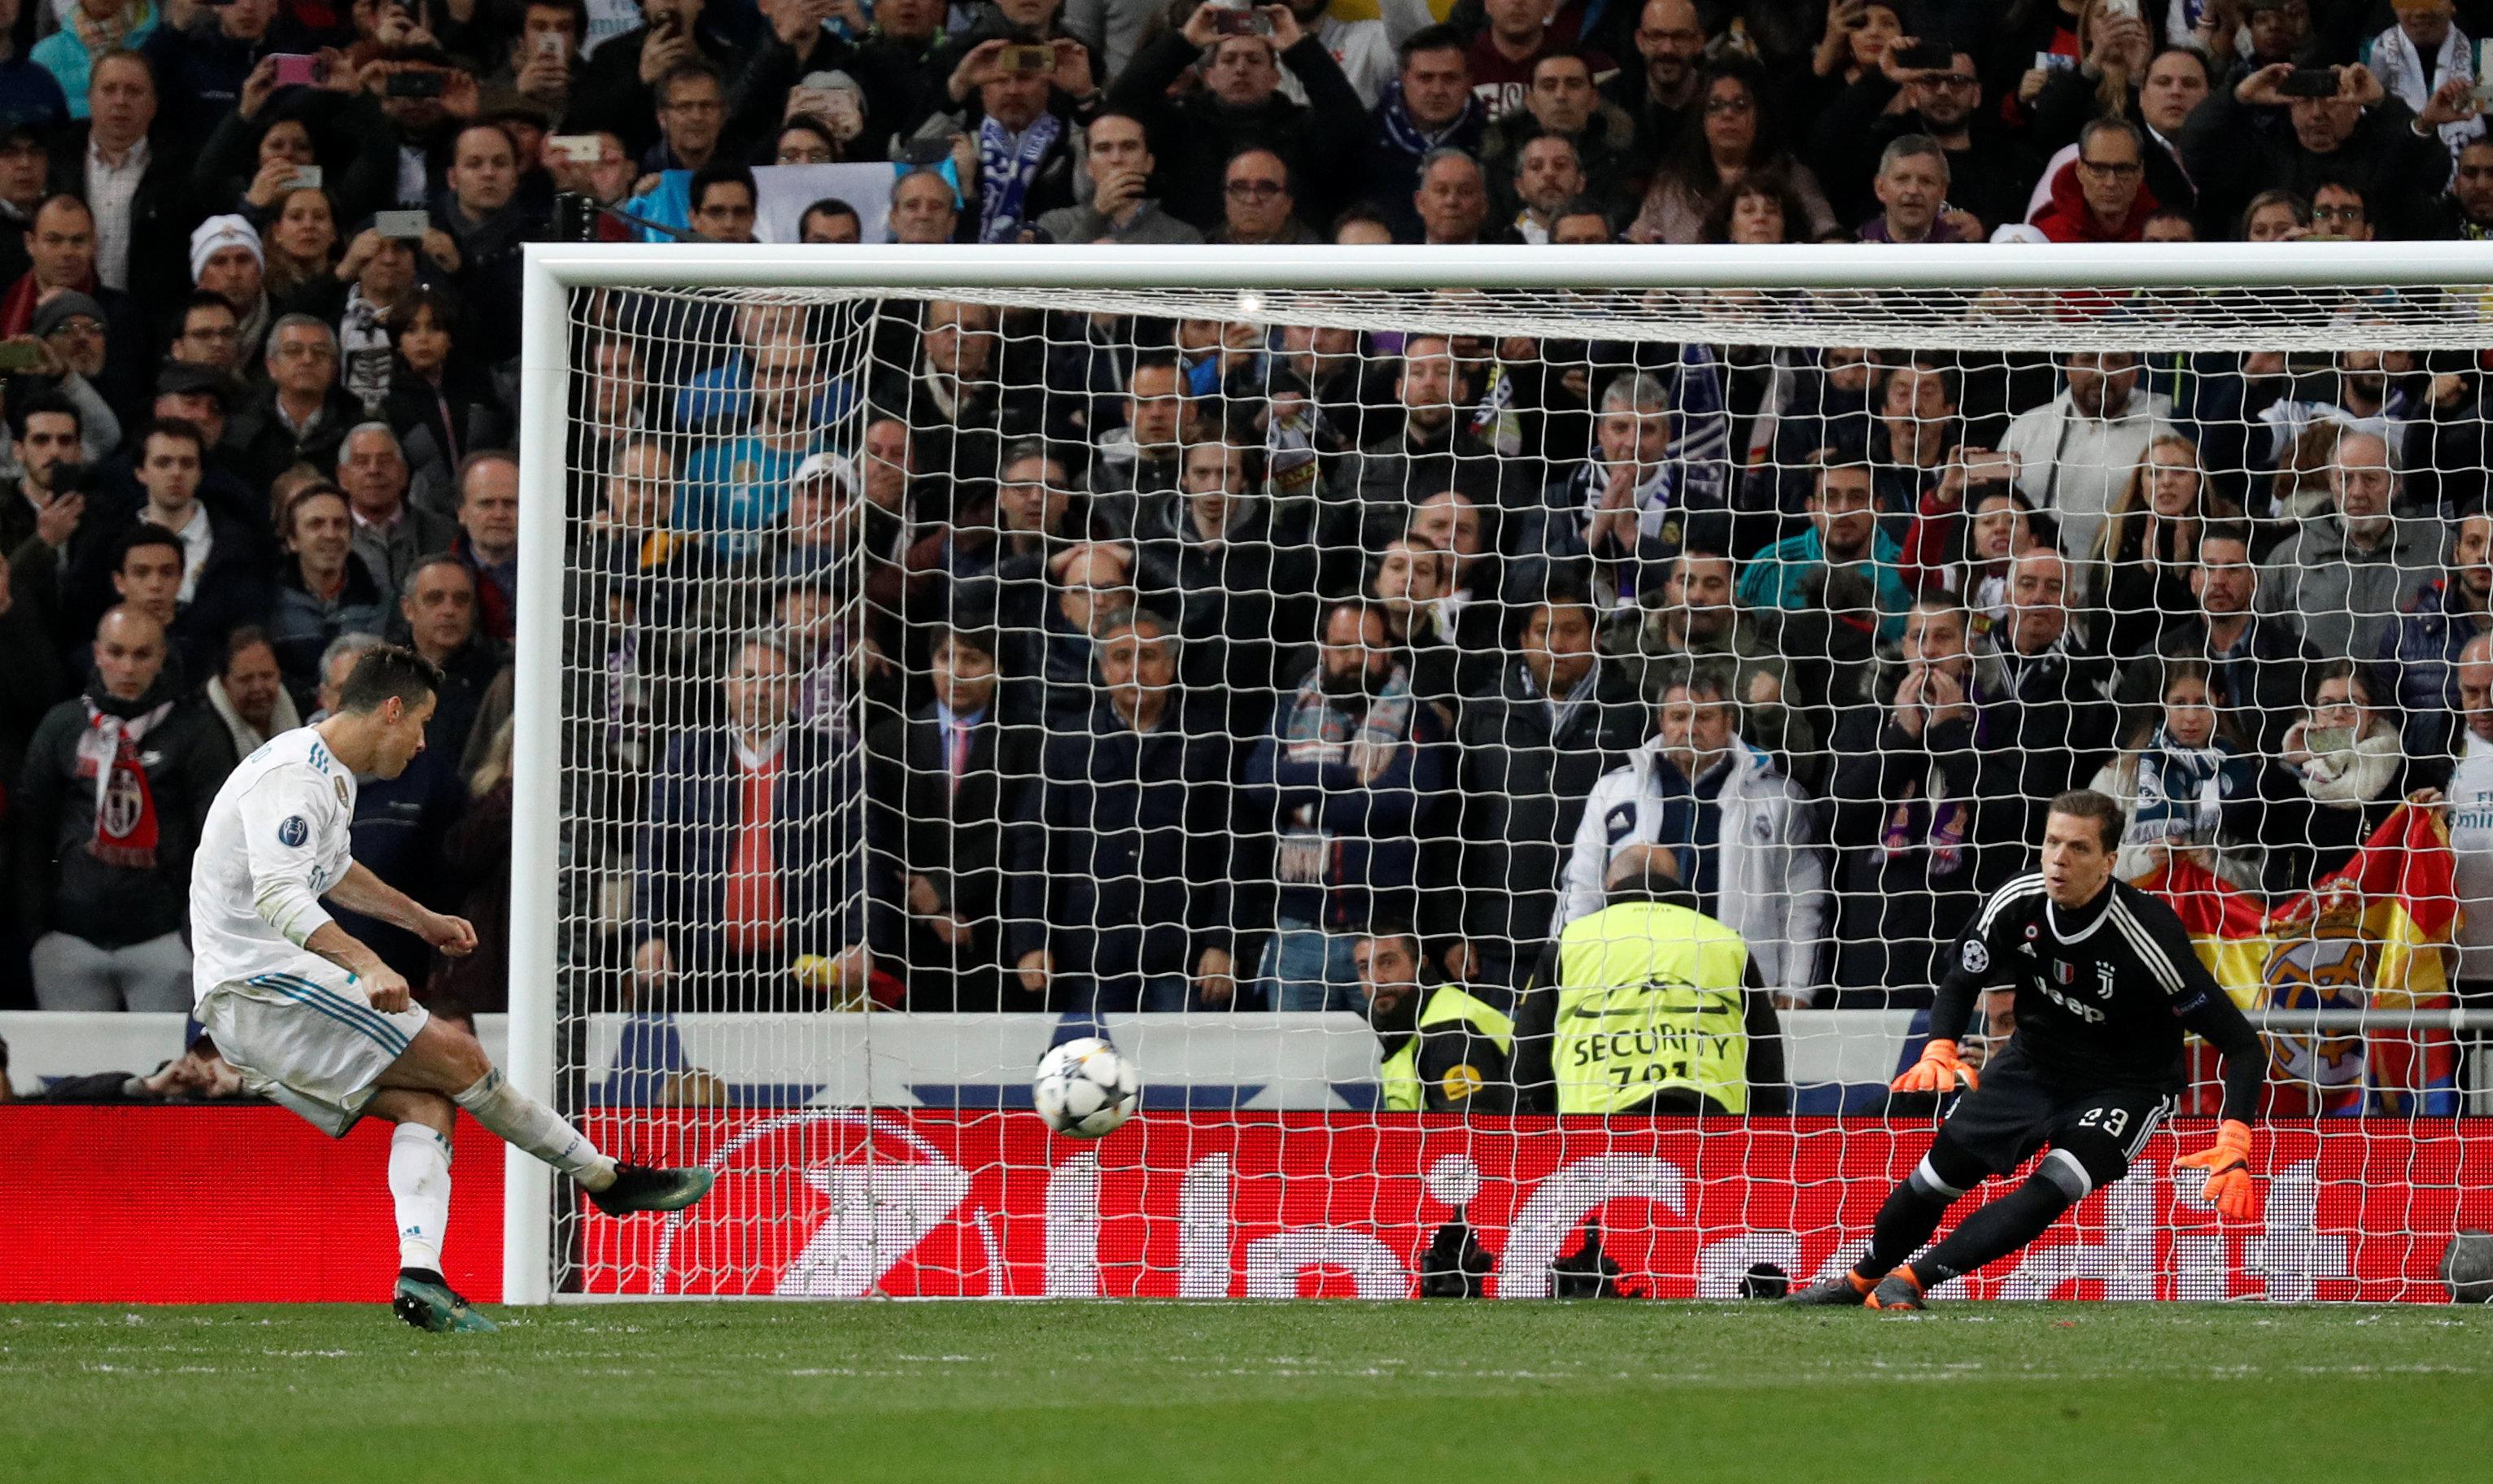 Pha sút penalty quyết định của Ronaldo. Ảnh: REUTERS